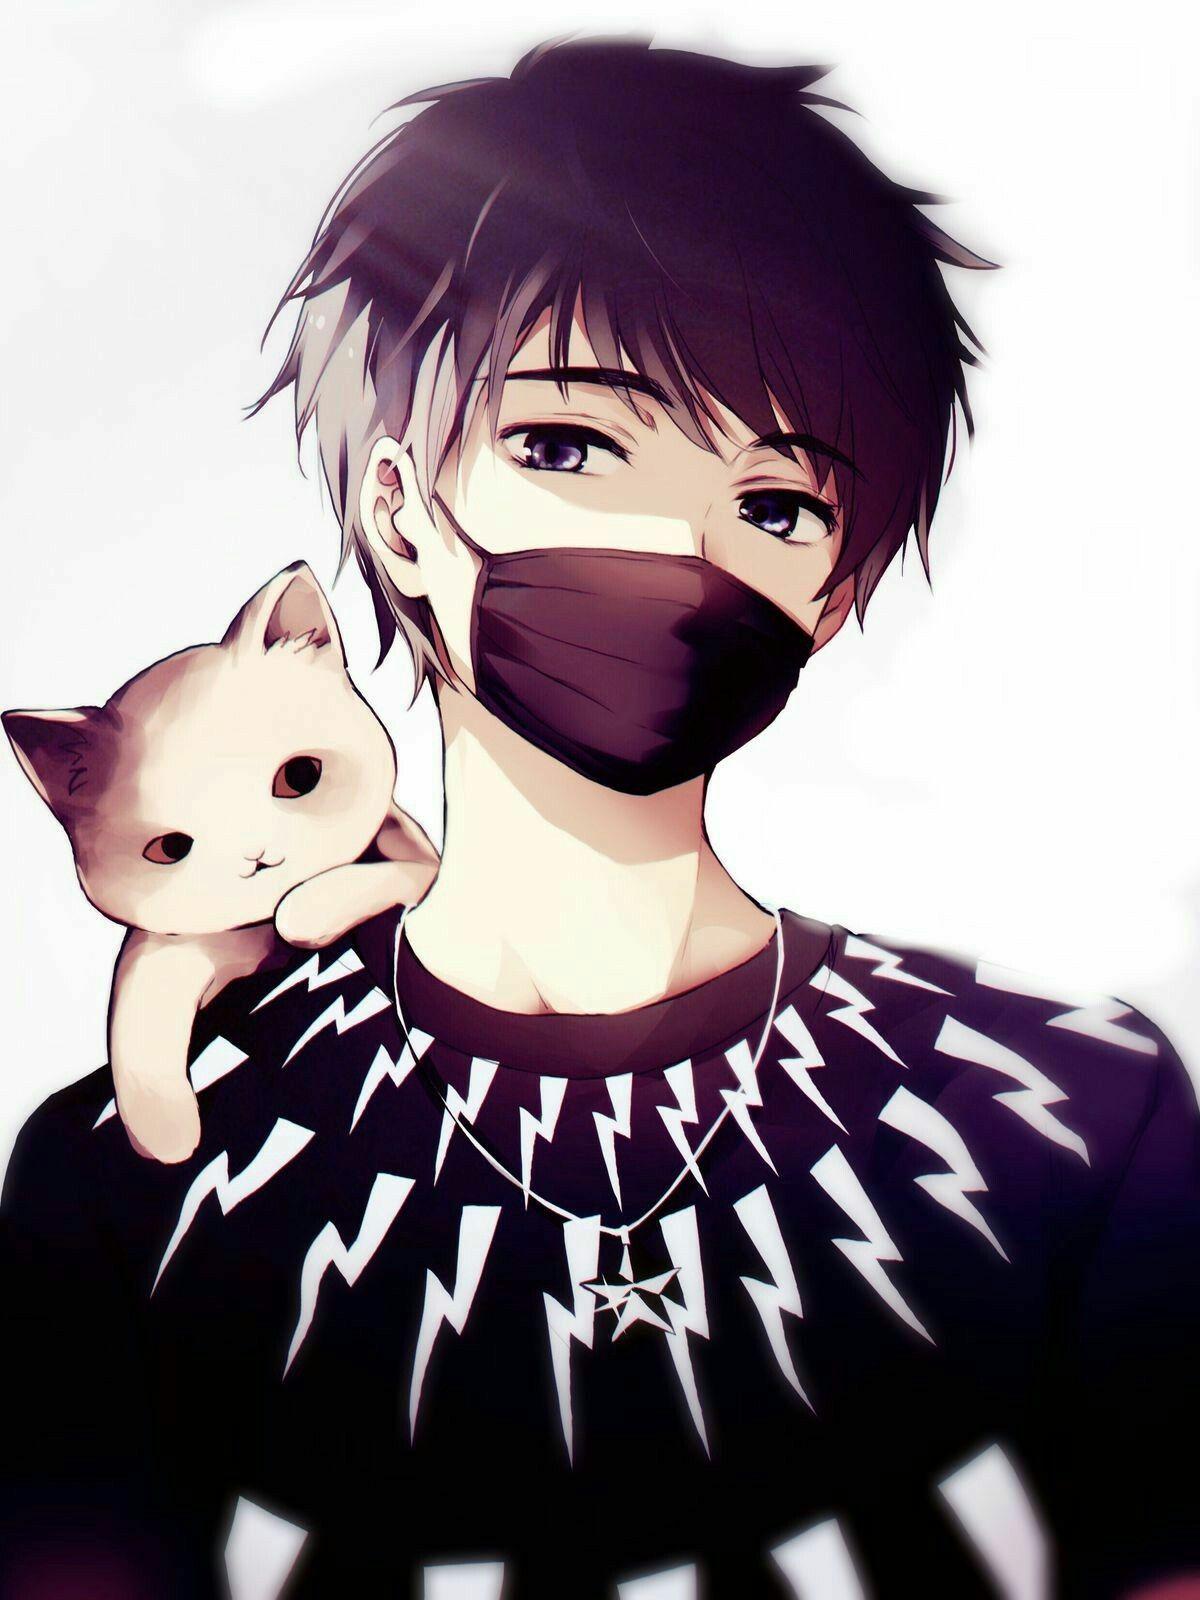 Hình ảnh Anime Boy đẹp nhất